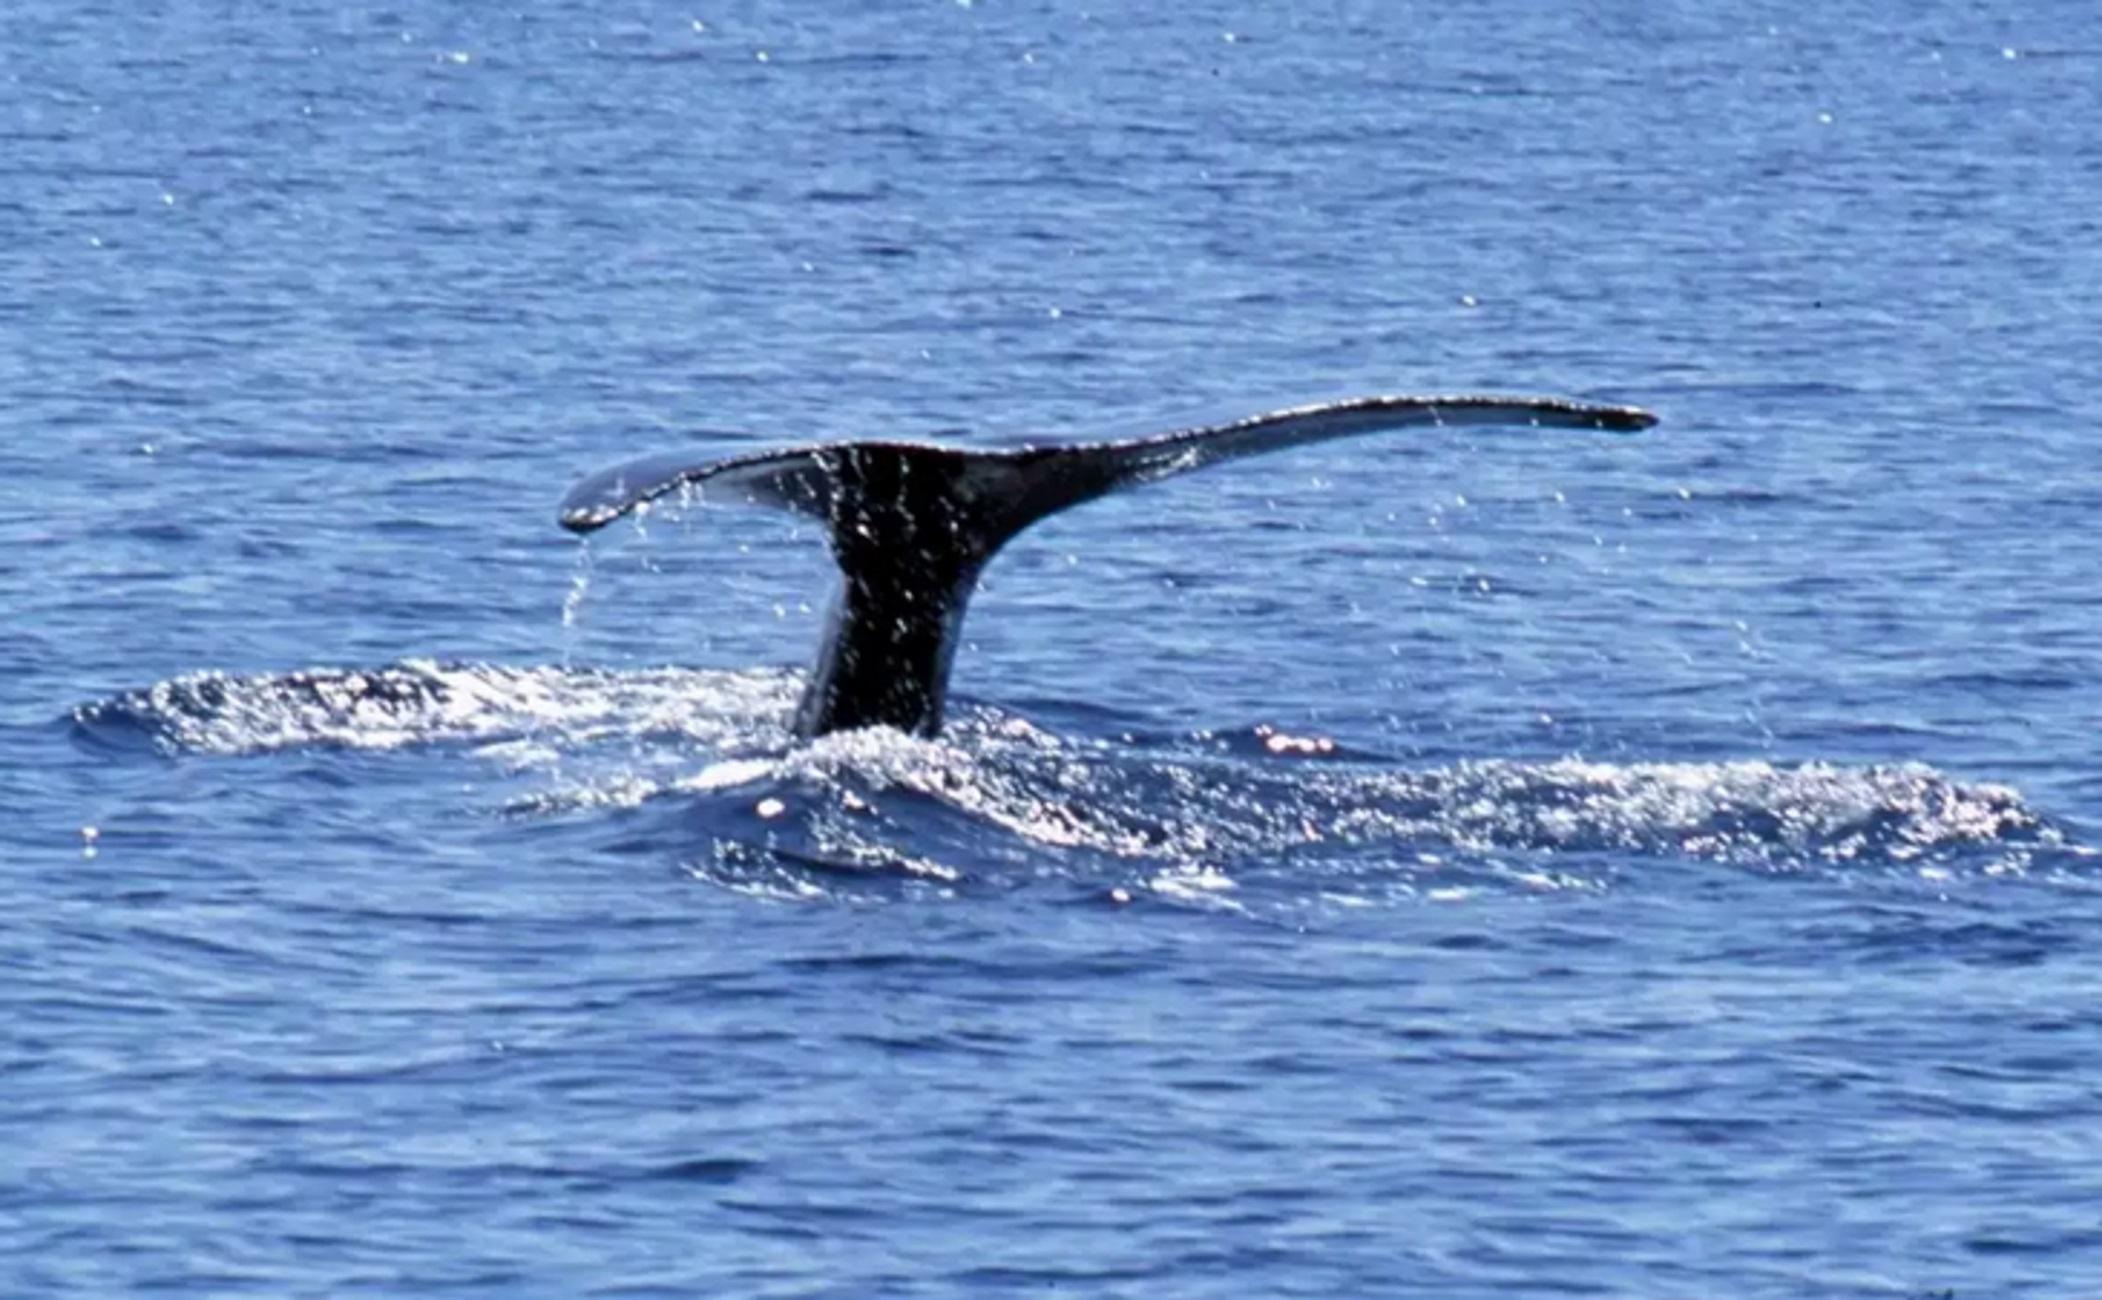 Χαλκιδική: «Τι τέρας είναι αυτό εδώ;» – Η στιγμή που τεράστια φάλαινα εμφανίζεται μπροστά σε σκάφος